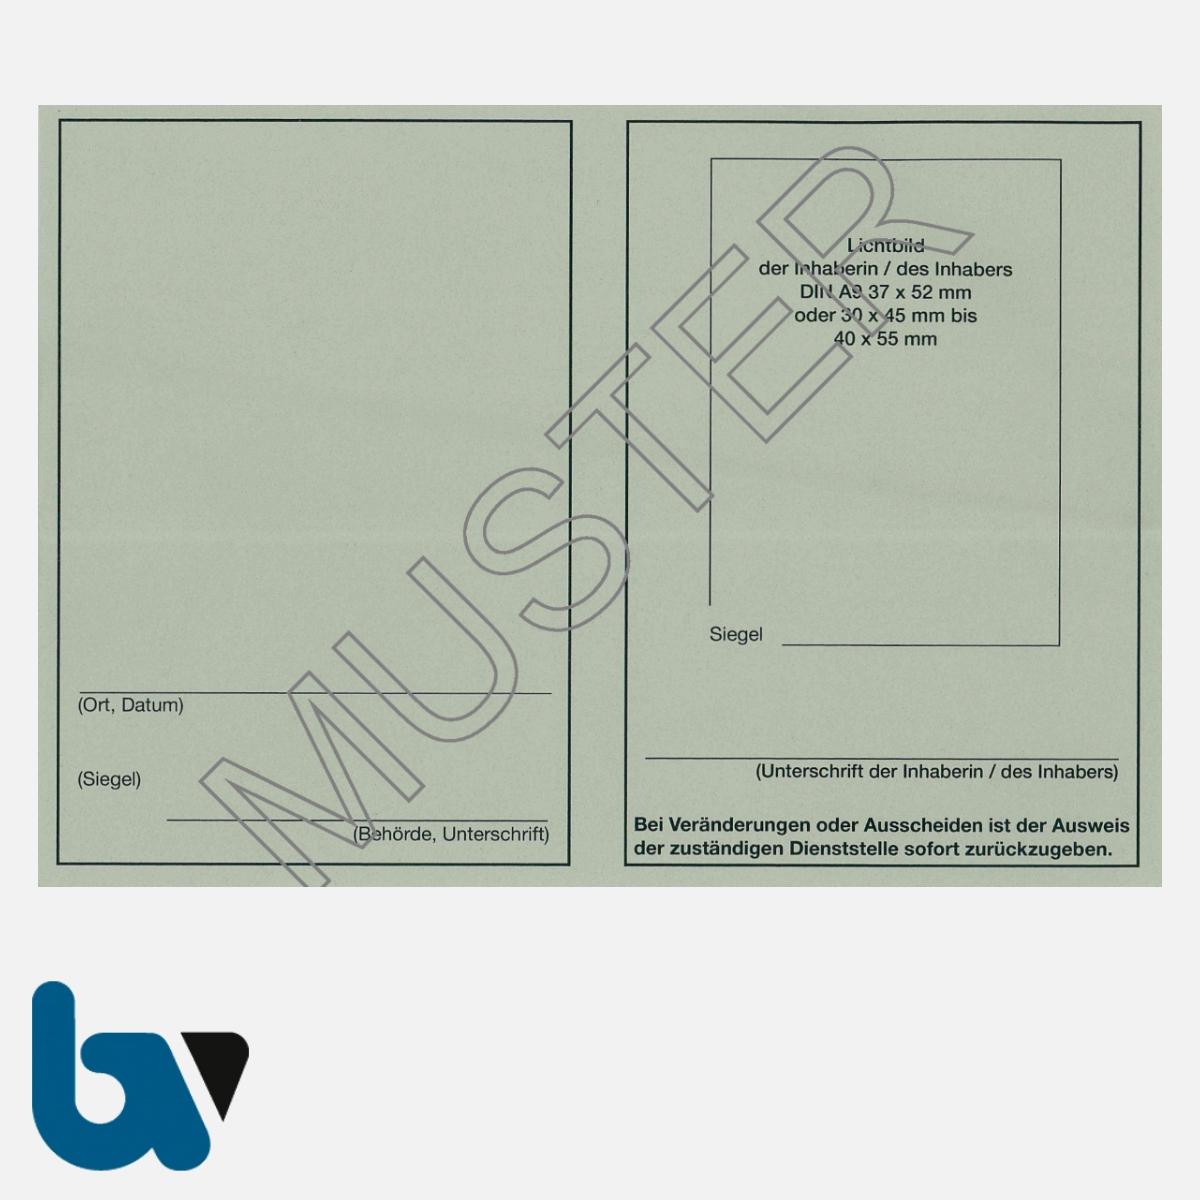 0/481-4 Dienstausweis Allgemein neutral grau Neobond DIN A6-A7 RS | Borgard Verlag GmbH